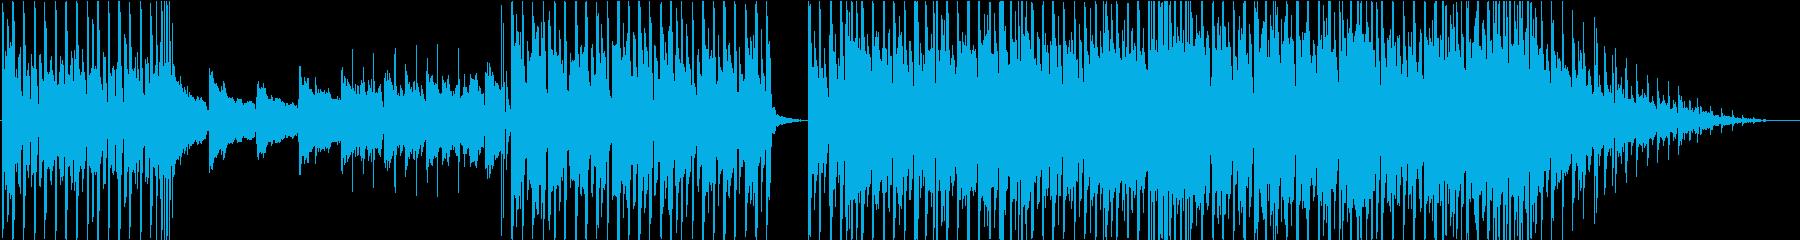 キラキラ/シティポップ_No461_3の再生済みの波形